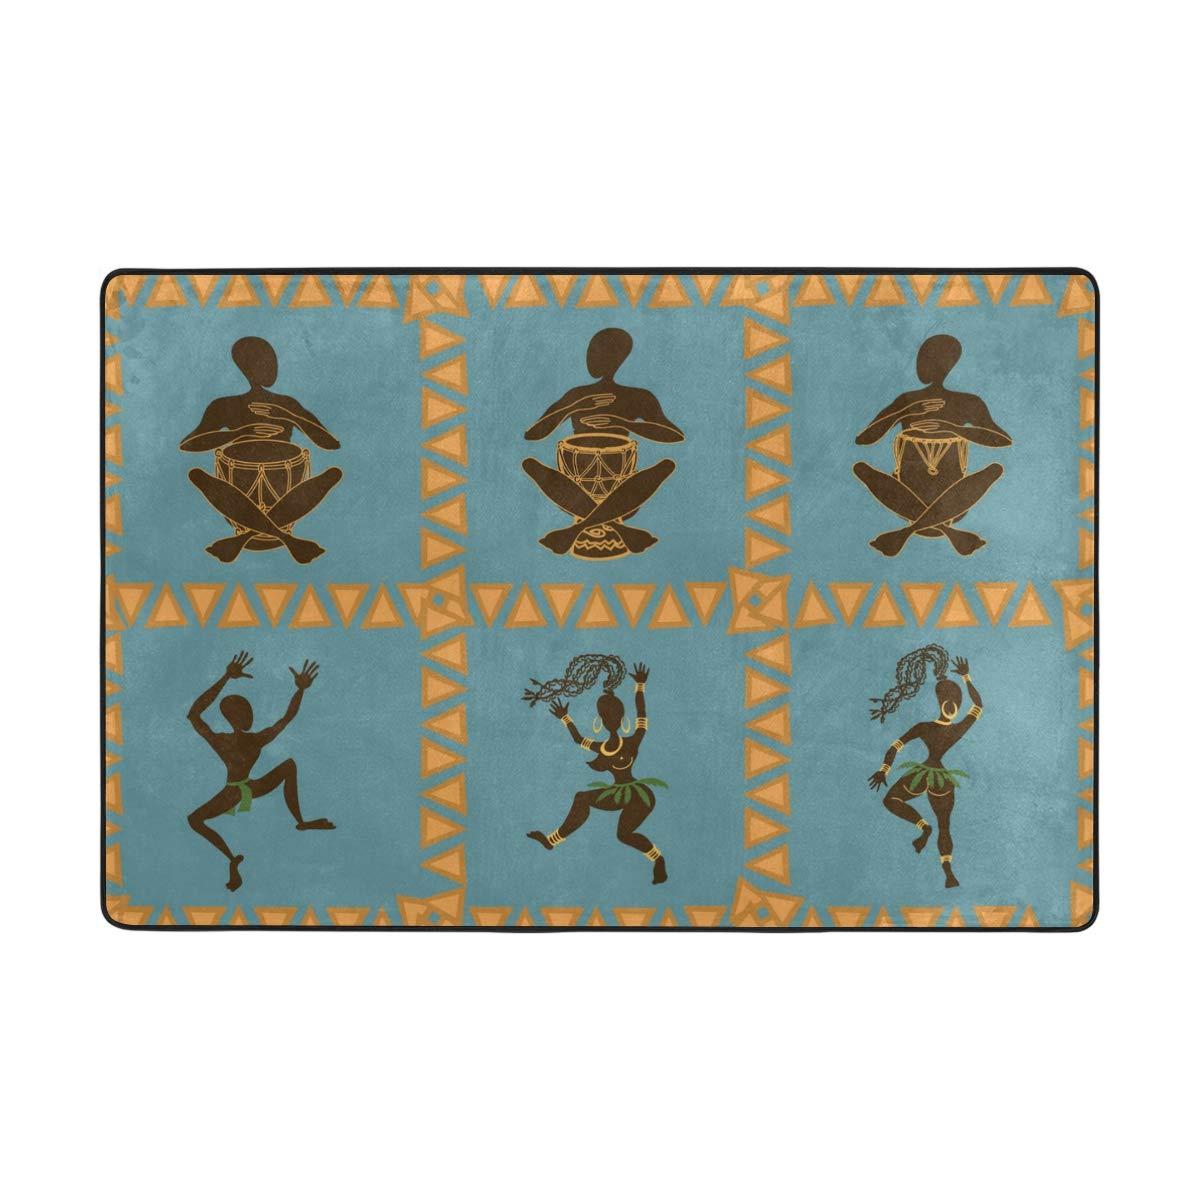 Floor Mat Doormat, Tropic Dance People Entrance Mat Rug Indoor Outdoor Front Door Decor Absorbent Bathroom Rubber Mats Non Slip 36 x 24 Inch, 72 x 48 Inch